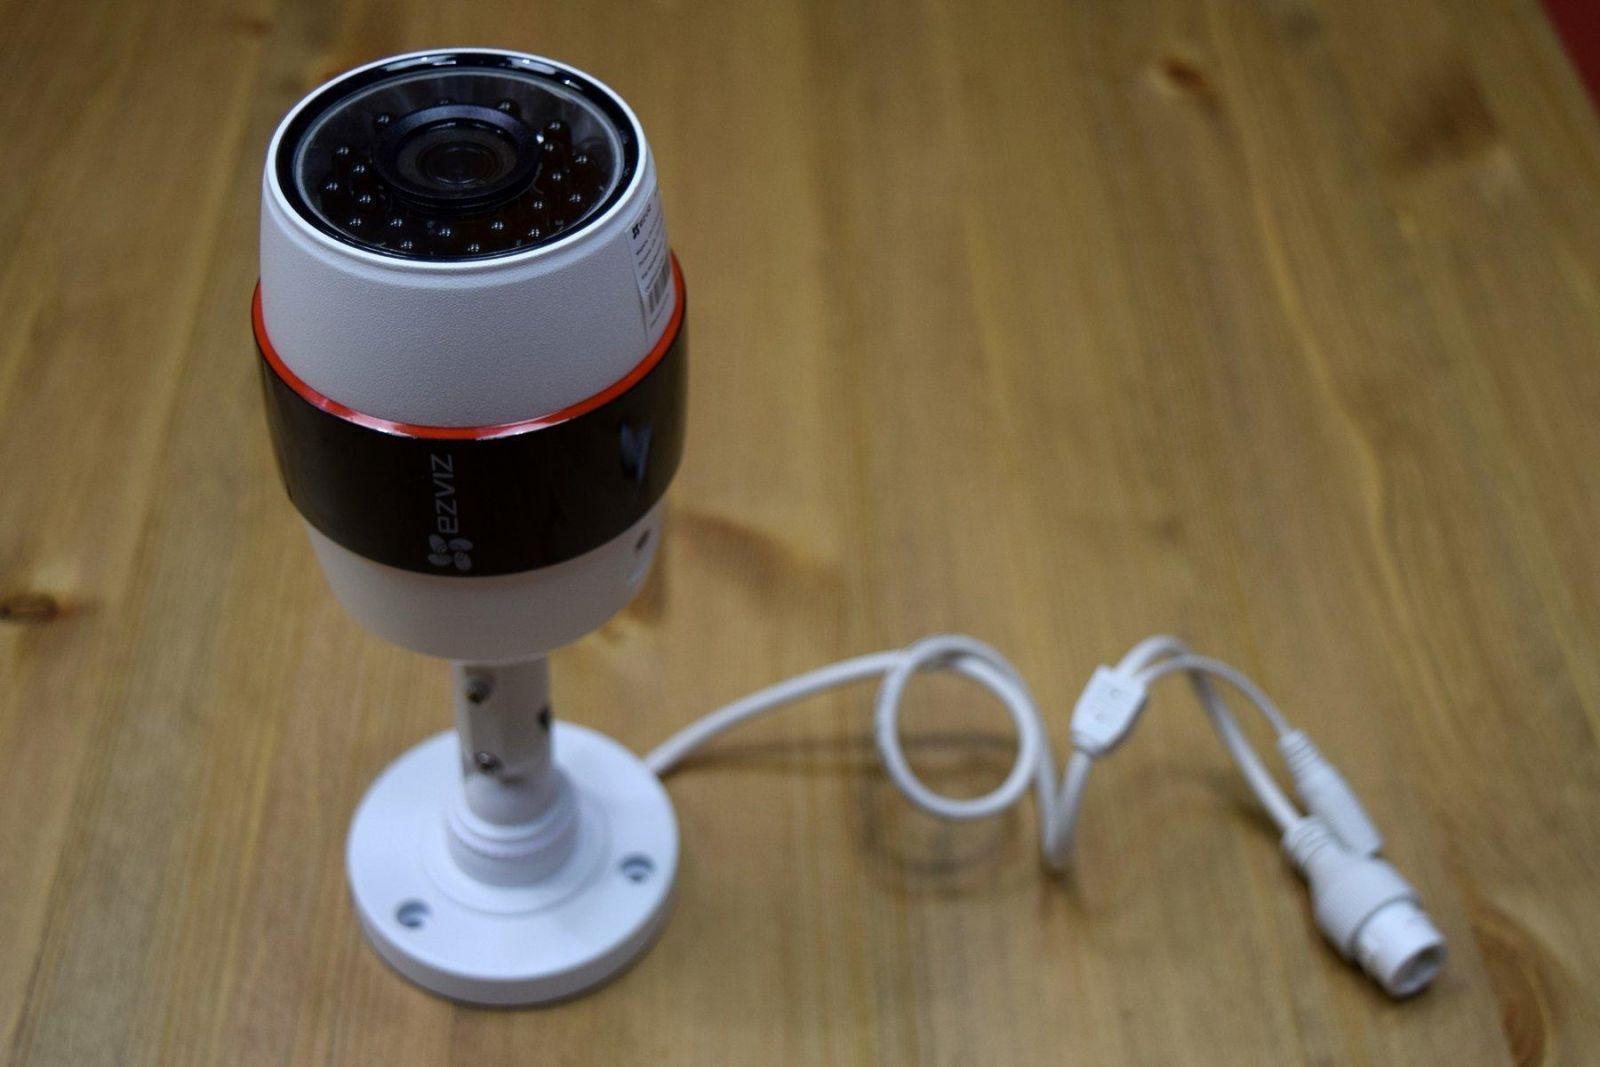 Image00007 - Обзор Ezviz C3S. Камера, которая могла бы жить сама по себе